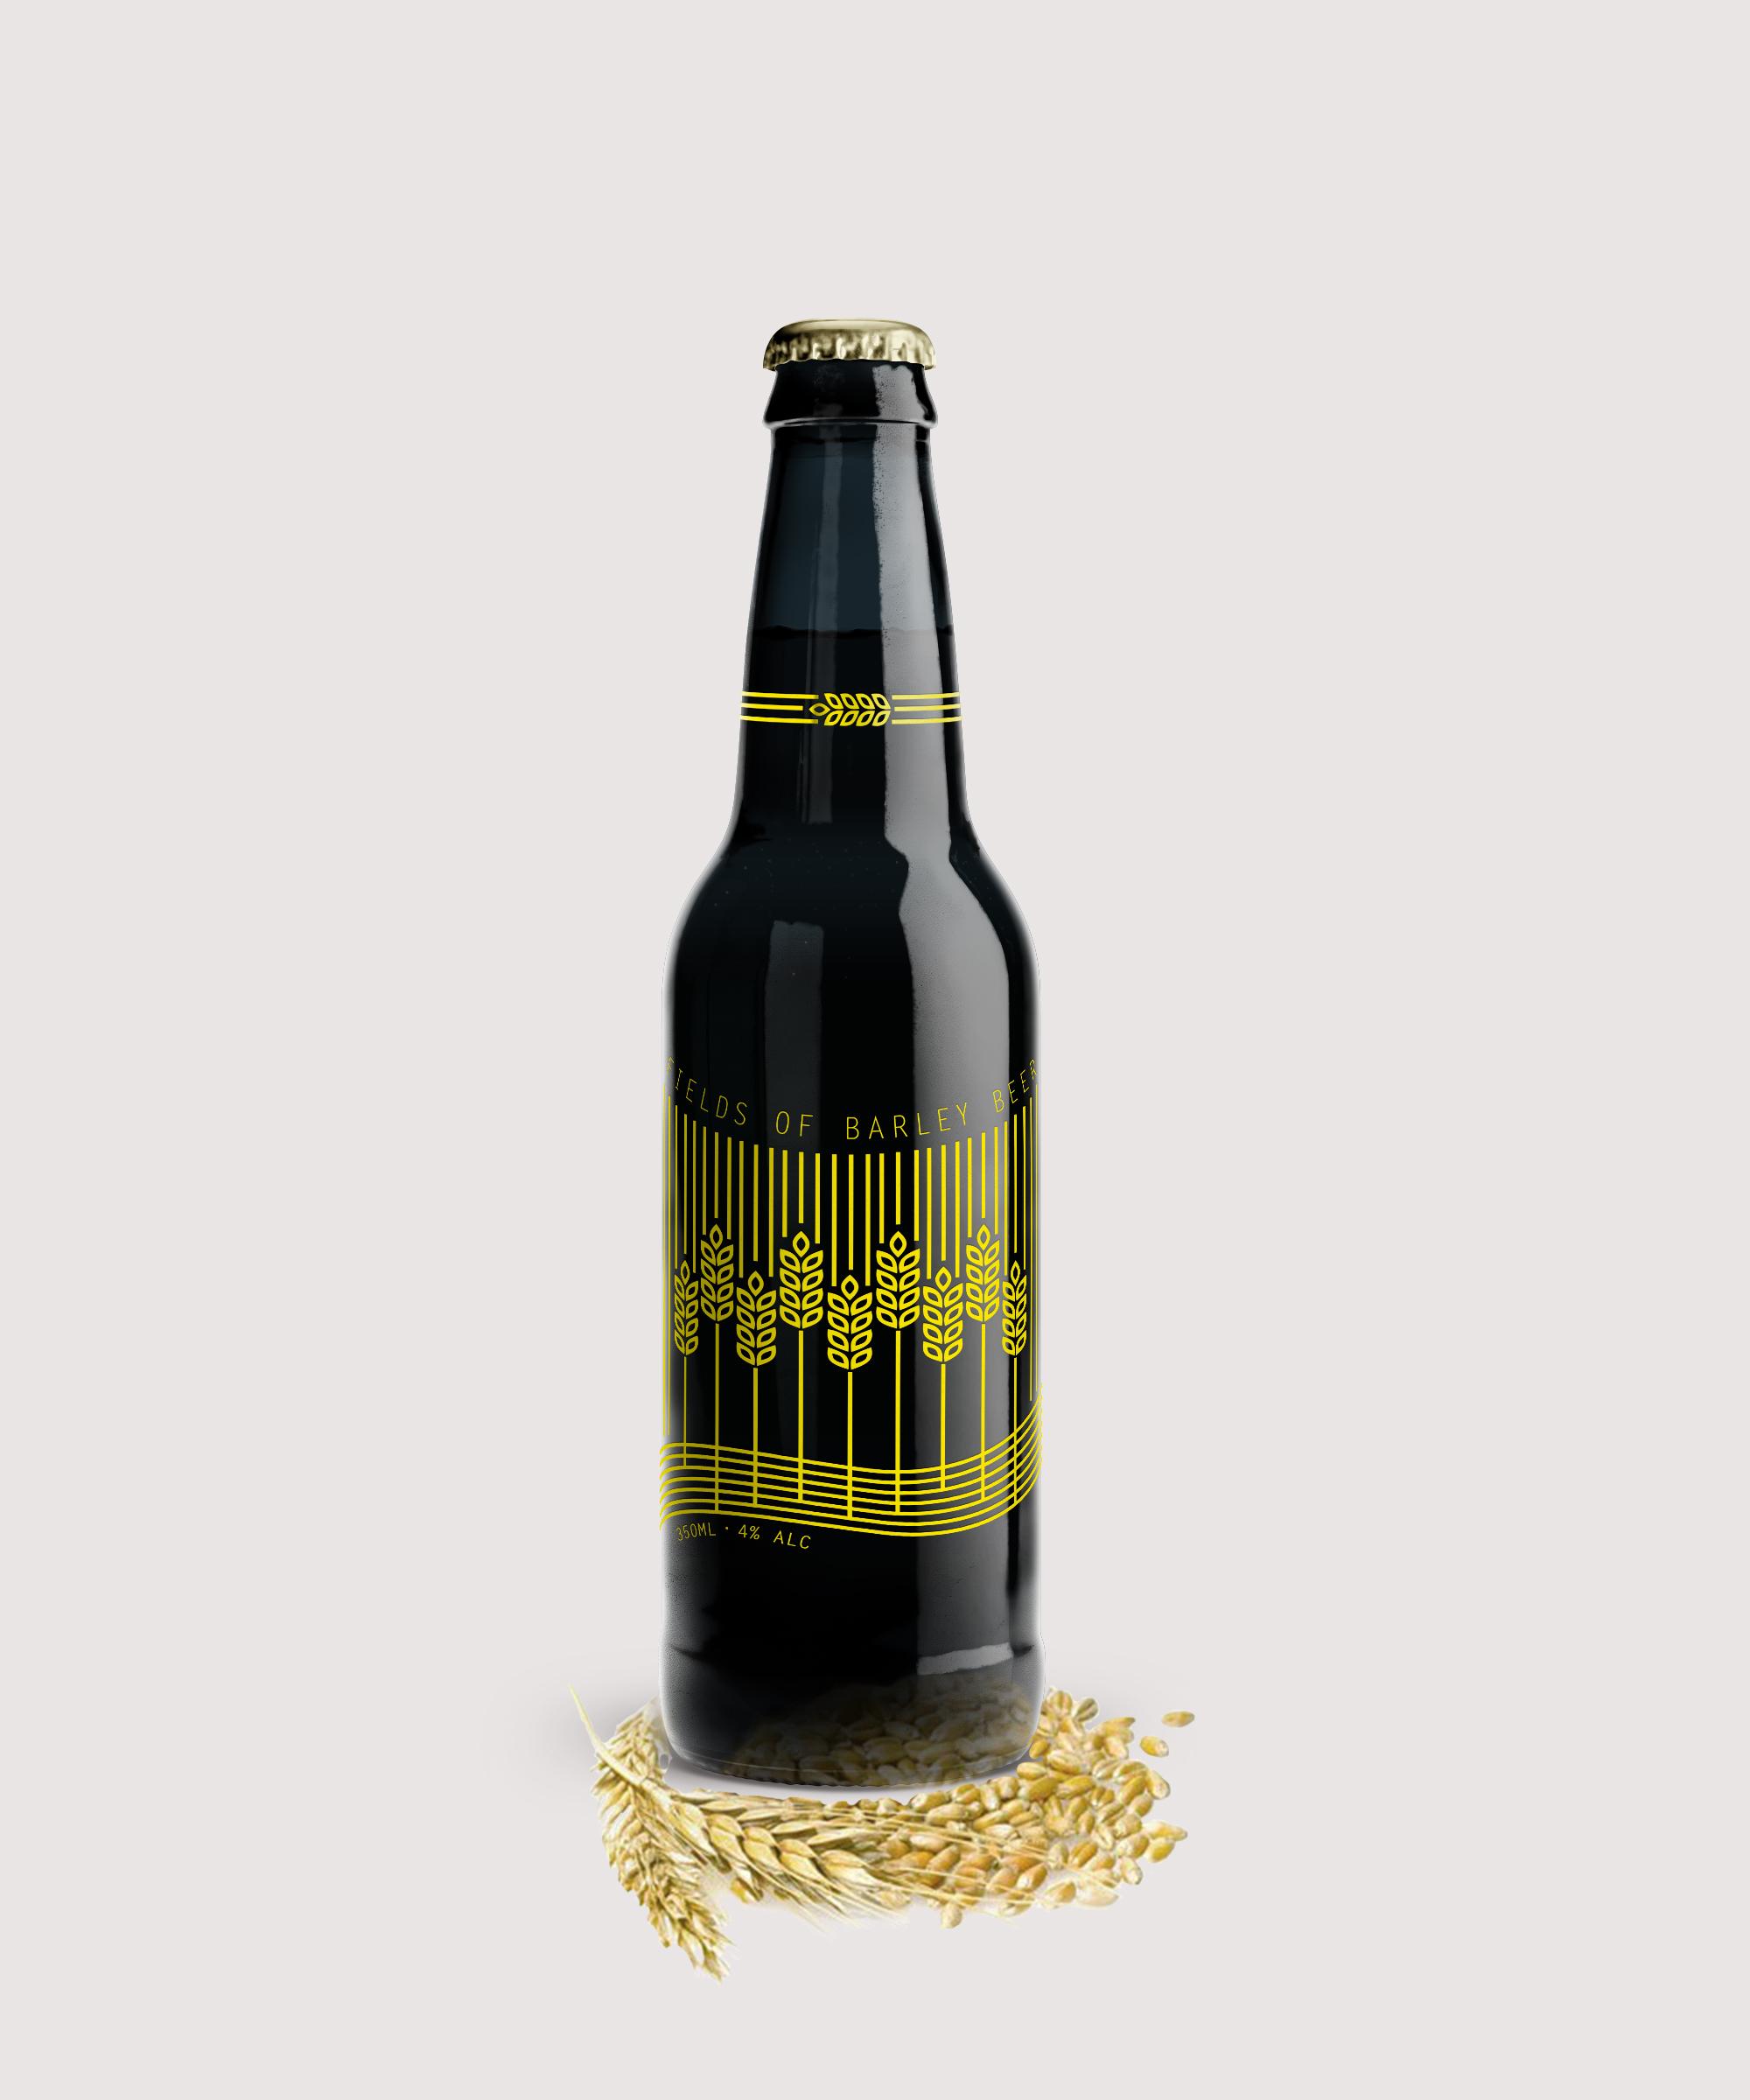 feilds-of-barley-beer.jpg